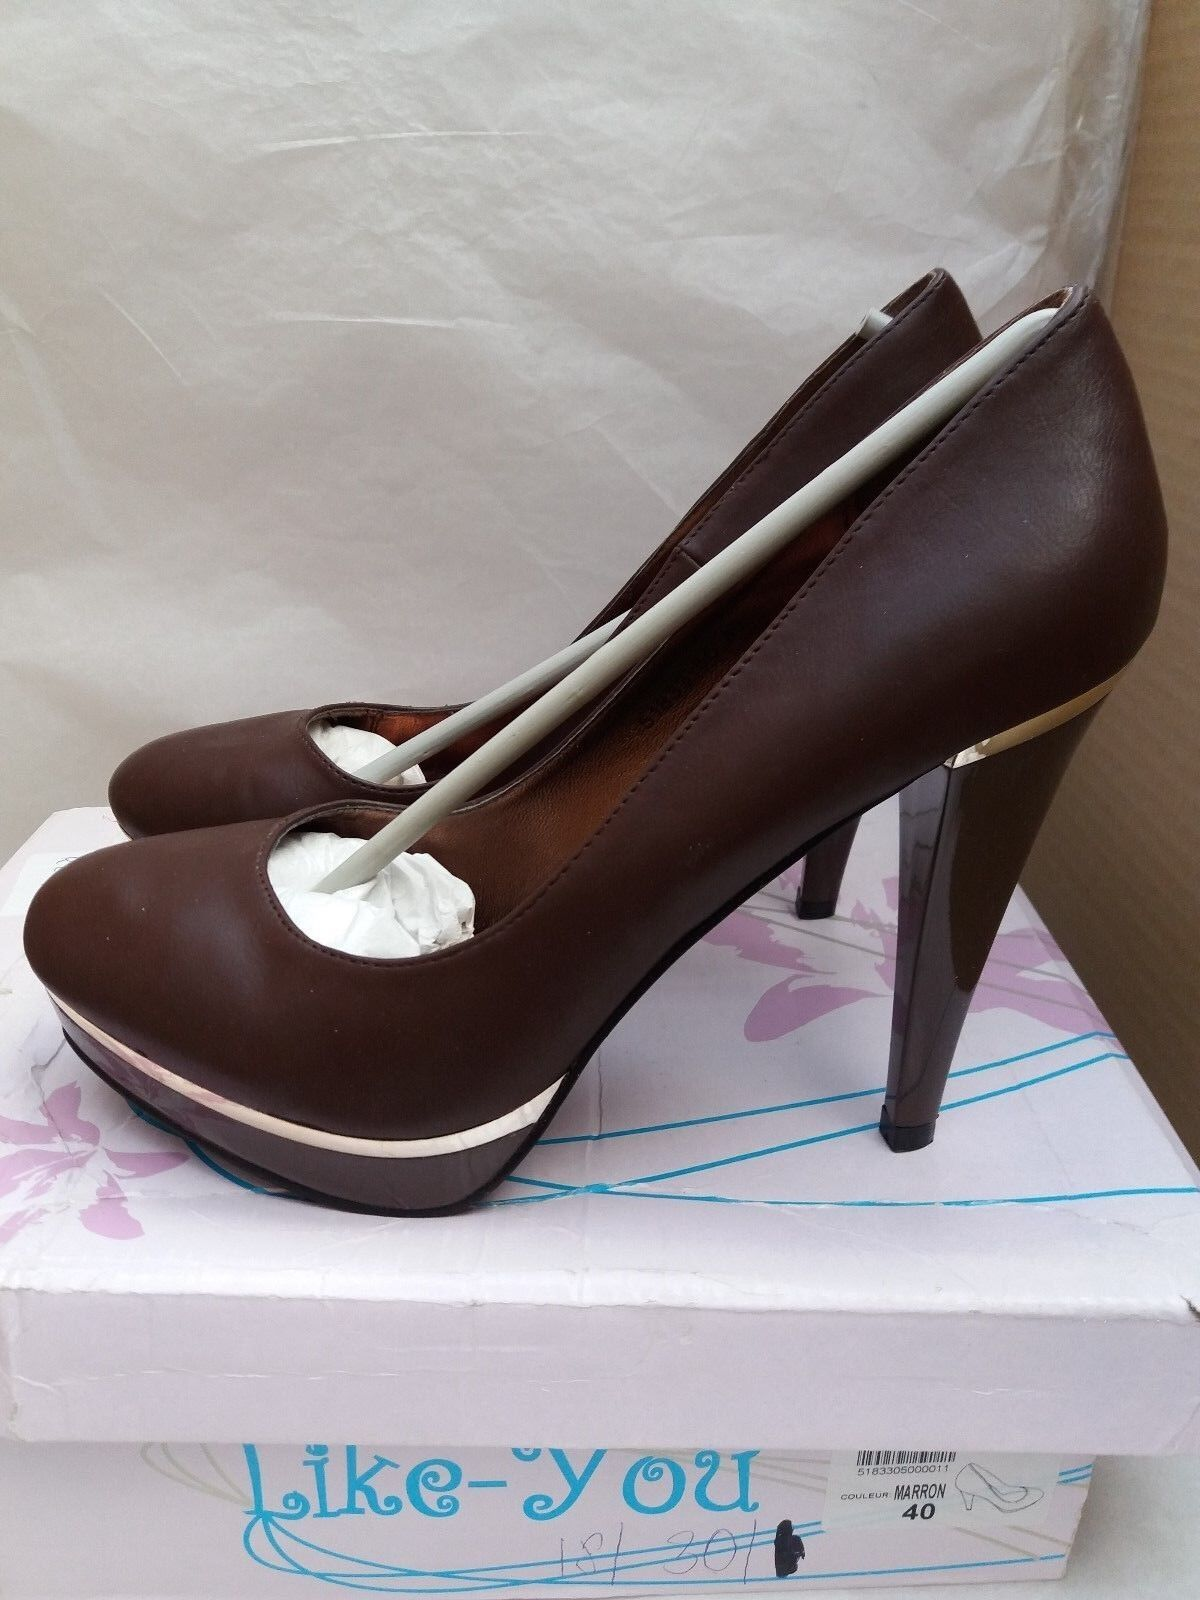 Signore mozzafiato Brown & Gold scarpe con tacco a stiletto da come si misura /EU 40